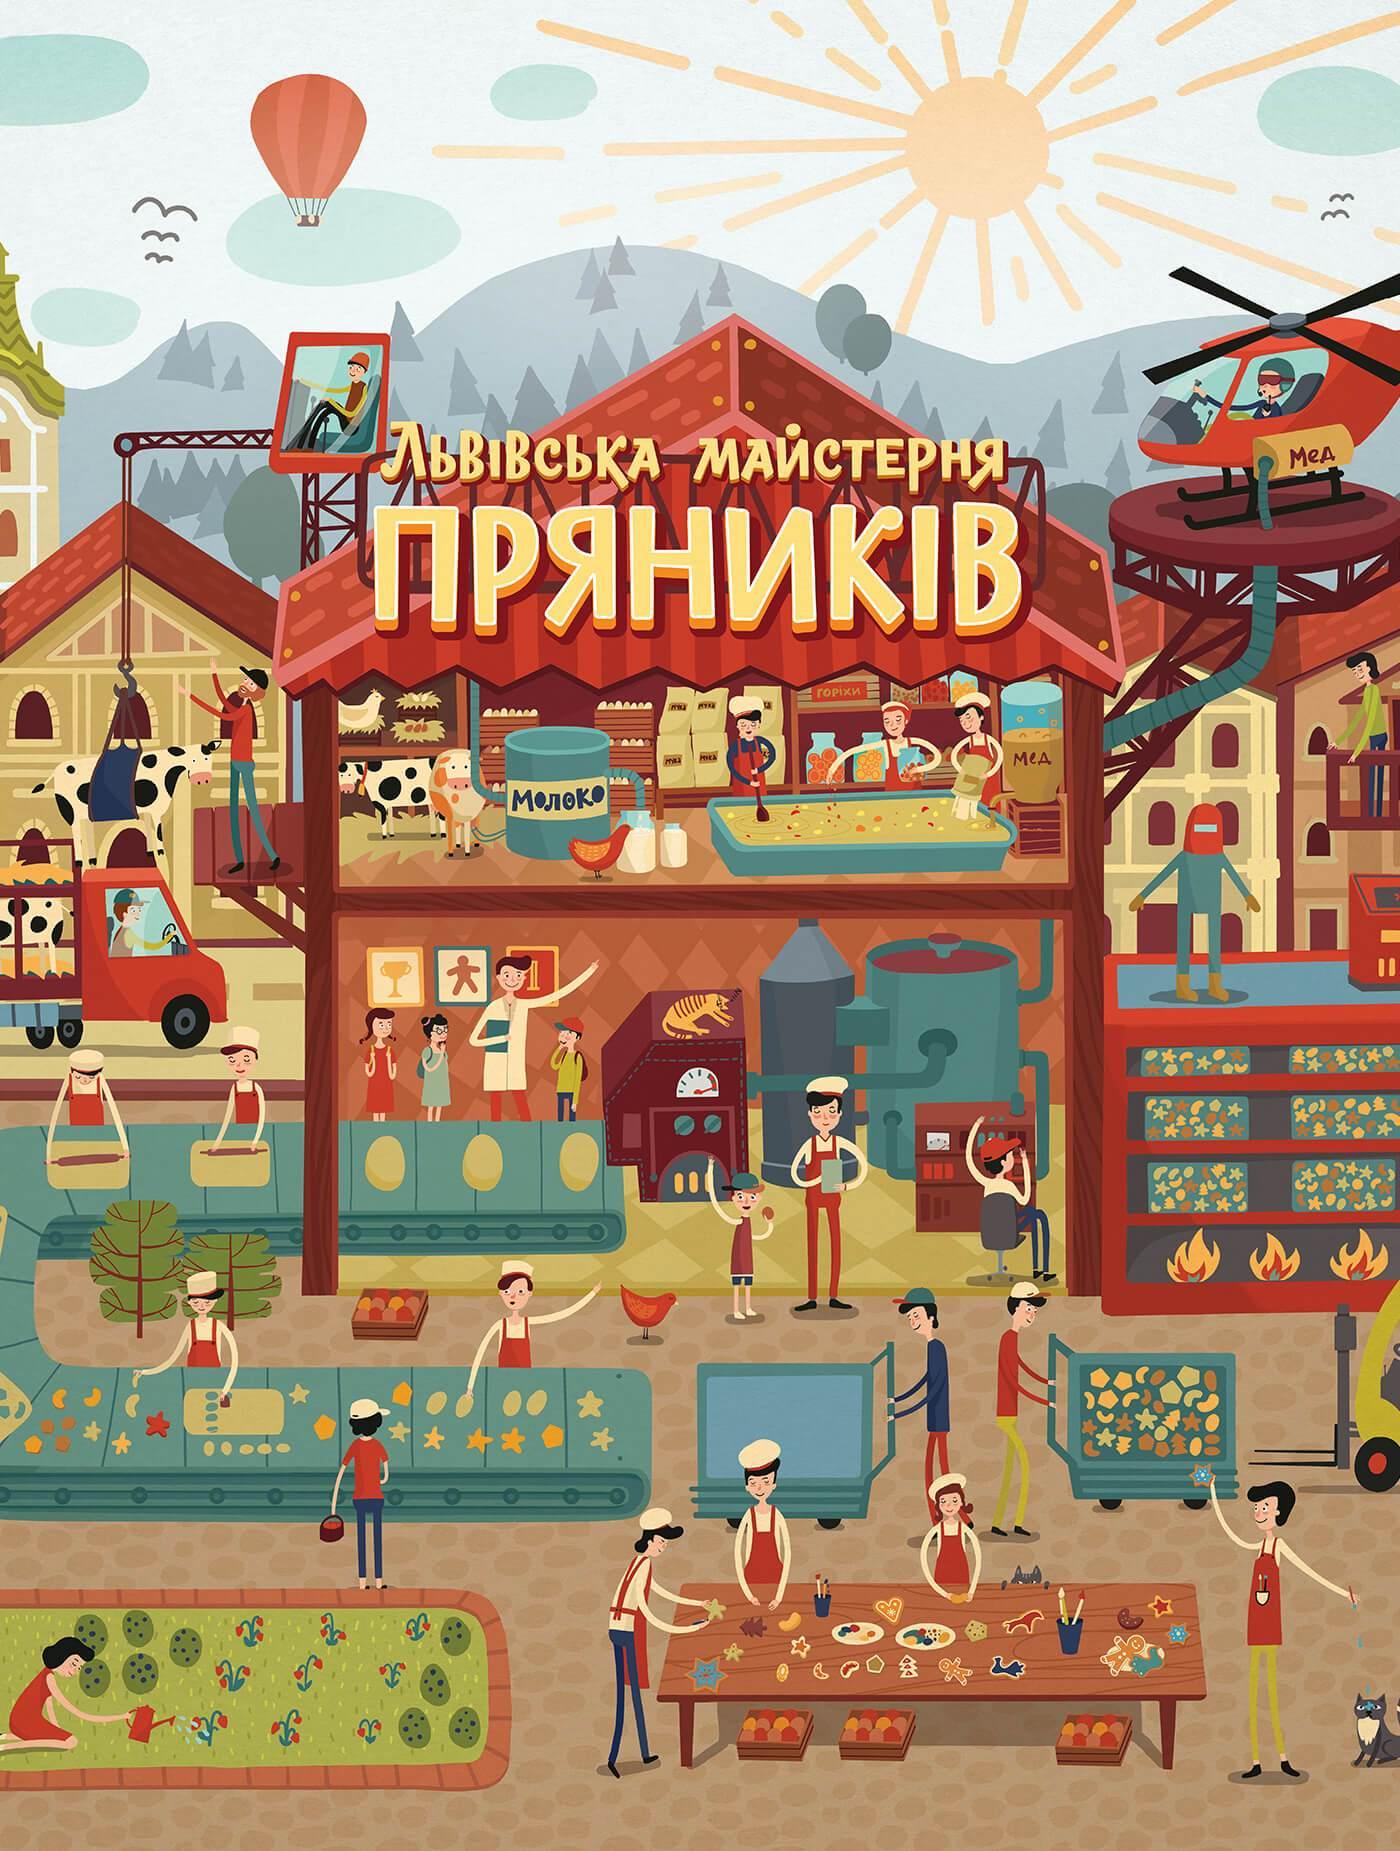 Фрагмент ілюстрації Львівської Майстерні Пряників «Юрашки»